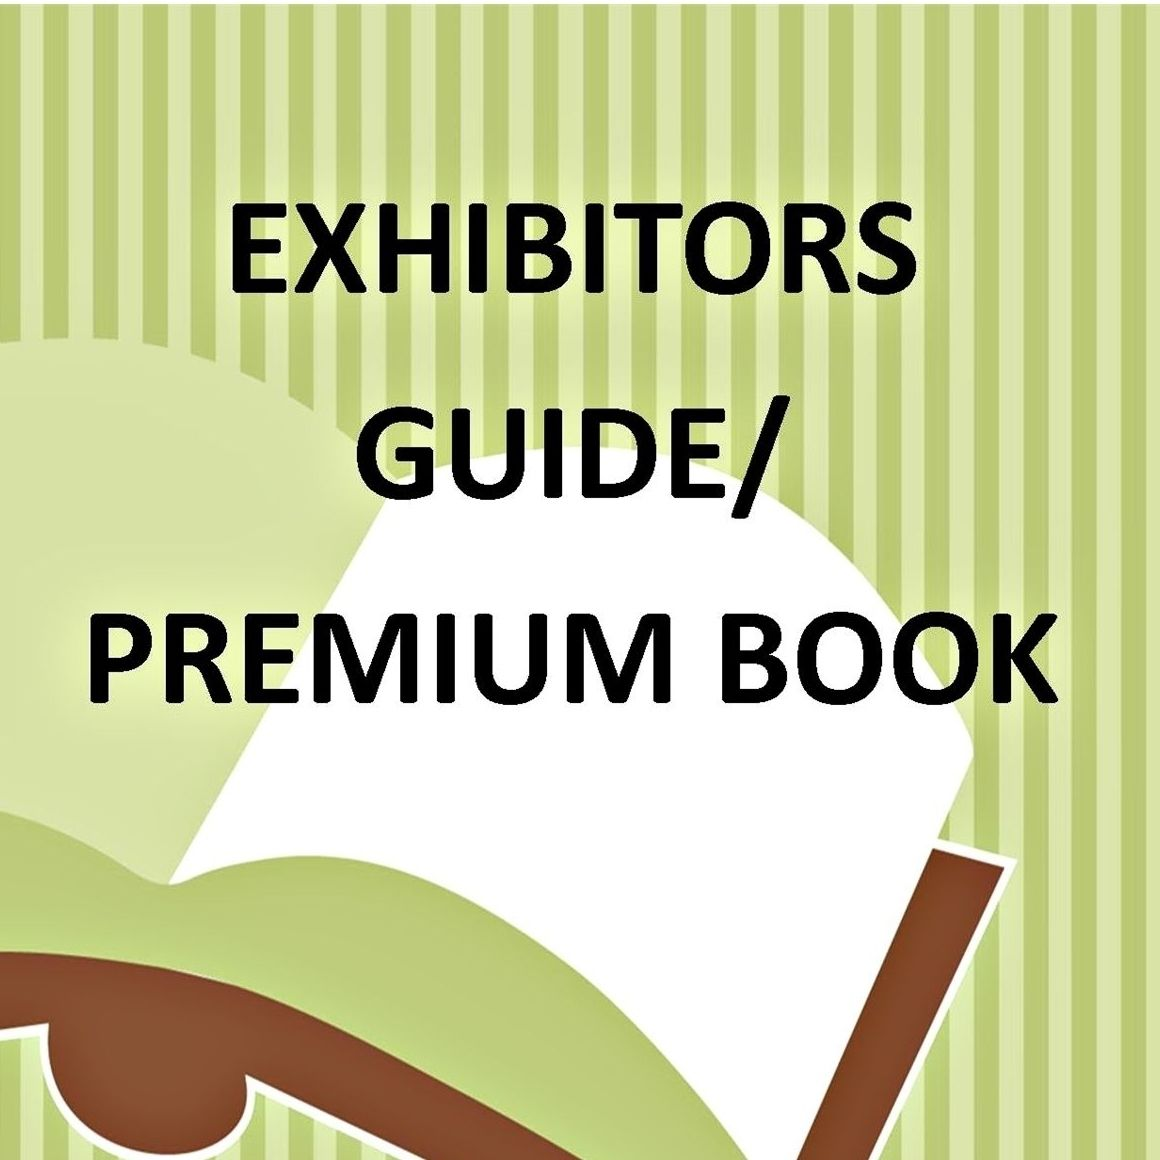 Exhibitor's Guide/Premium Book